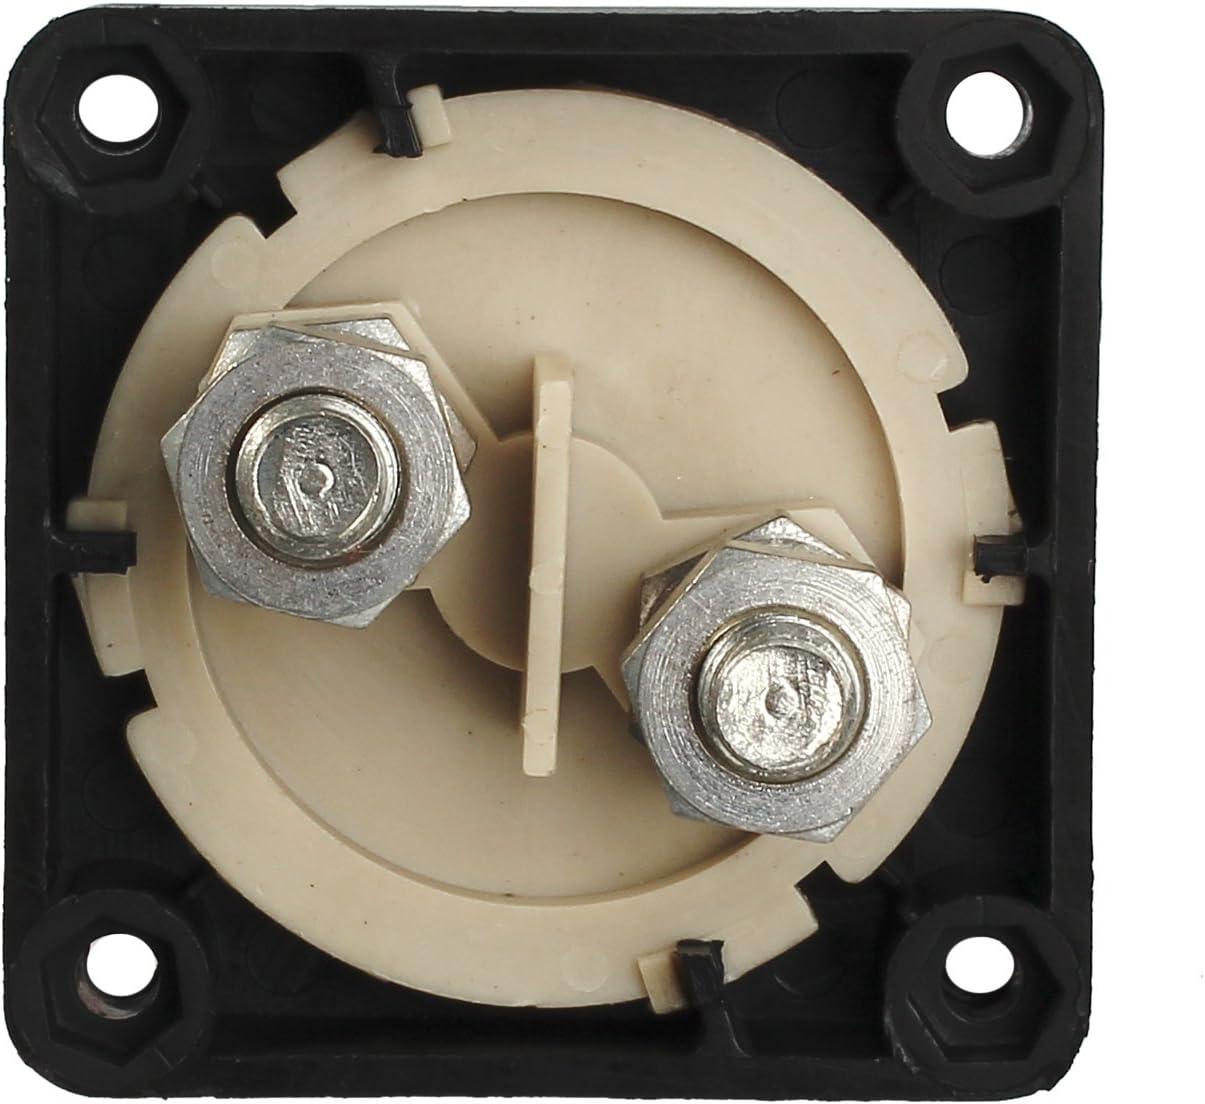 AUTOUTLET350A Batterie d/éconnexion rotatif Isolator cut off COUPE CONTACT POUR VOITURE